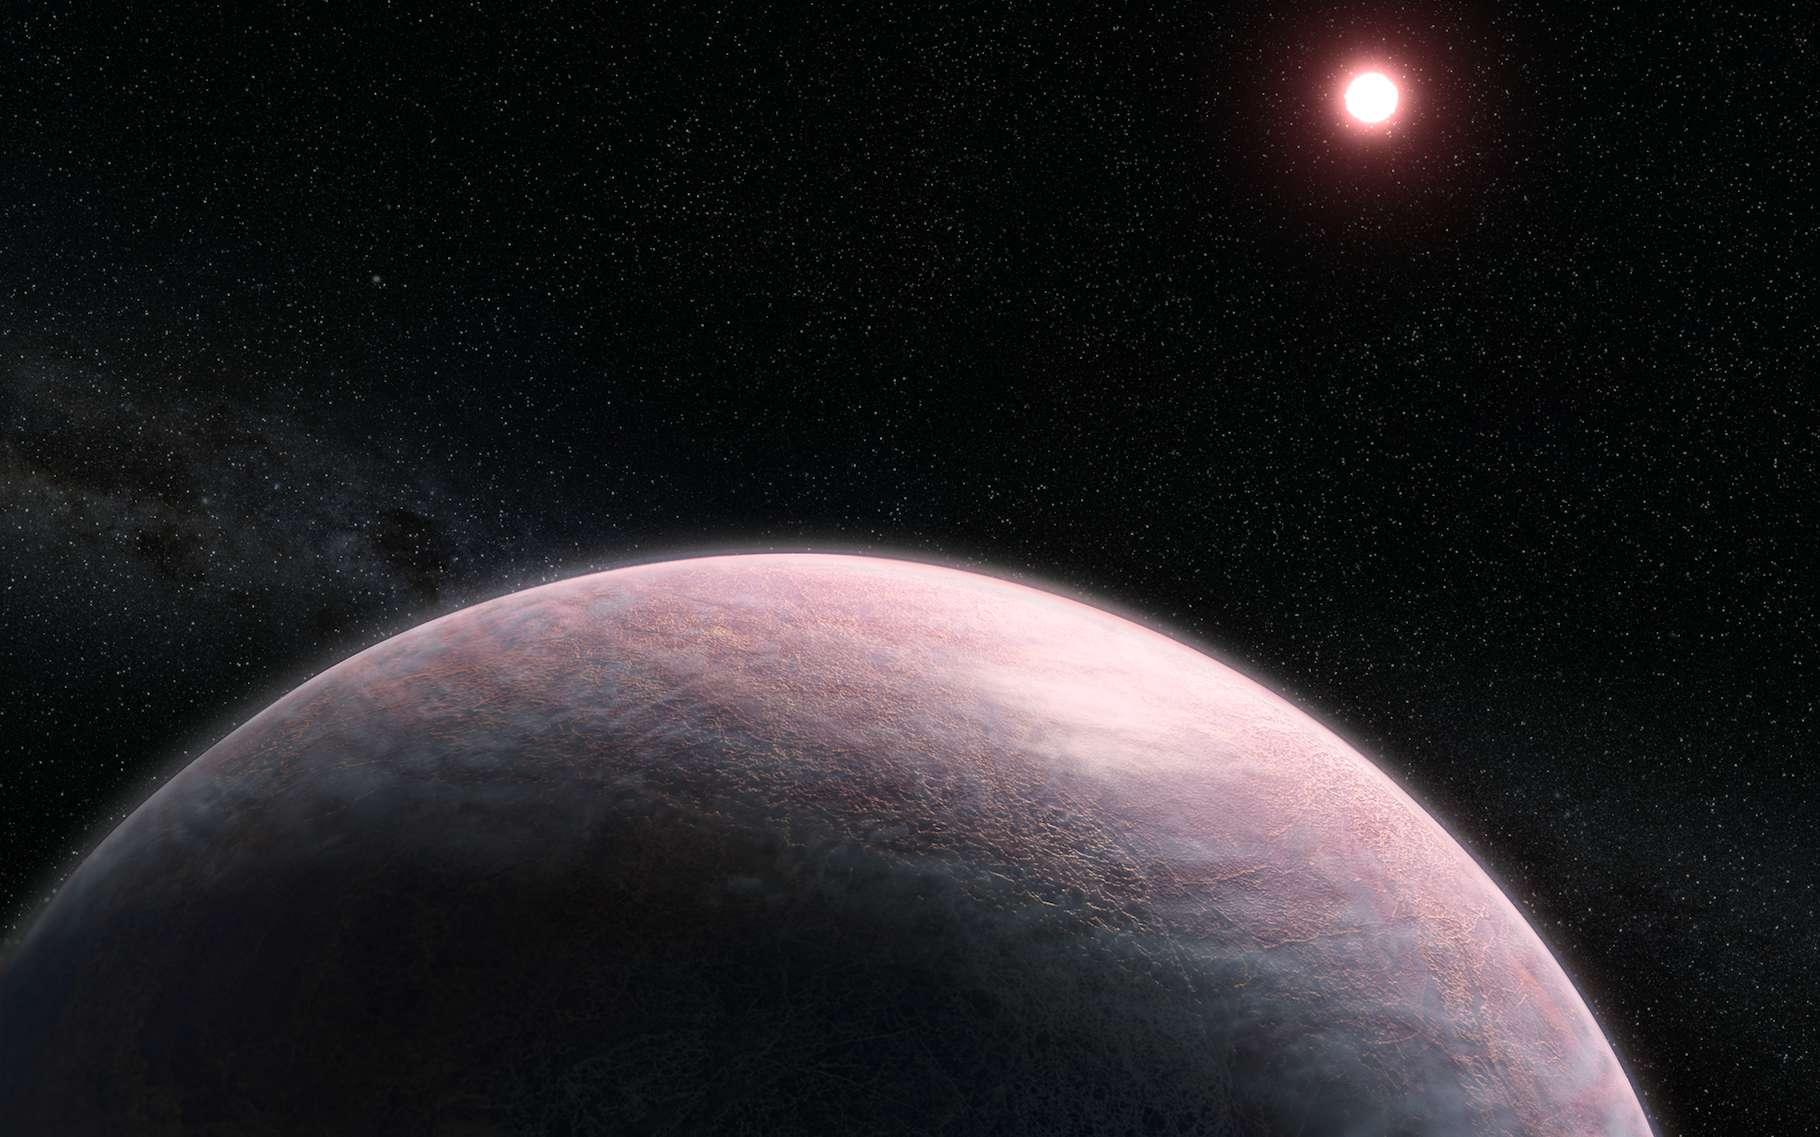 Seul problème concernant la méthode proposée aujourd'hui par les chercheurs : elle fonctionne au mieux sur des planètes trop chaudes pour être situées dans la zone habitable de leur étoile. Mais les astronomes sont convaincus que si une planète chaude peut retenir une atmosphère, une autre, un peu moins chaude, le pourra tout aussi bien. Ici, une vue d'artiste d'une exoplanète rocheuse et de son atmosphère nuageuse. Au loin, son étoile, une naine rouge. © L. Hustak and J. Olmsted, Nasa